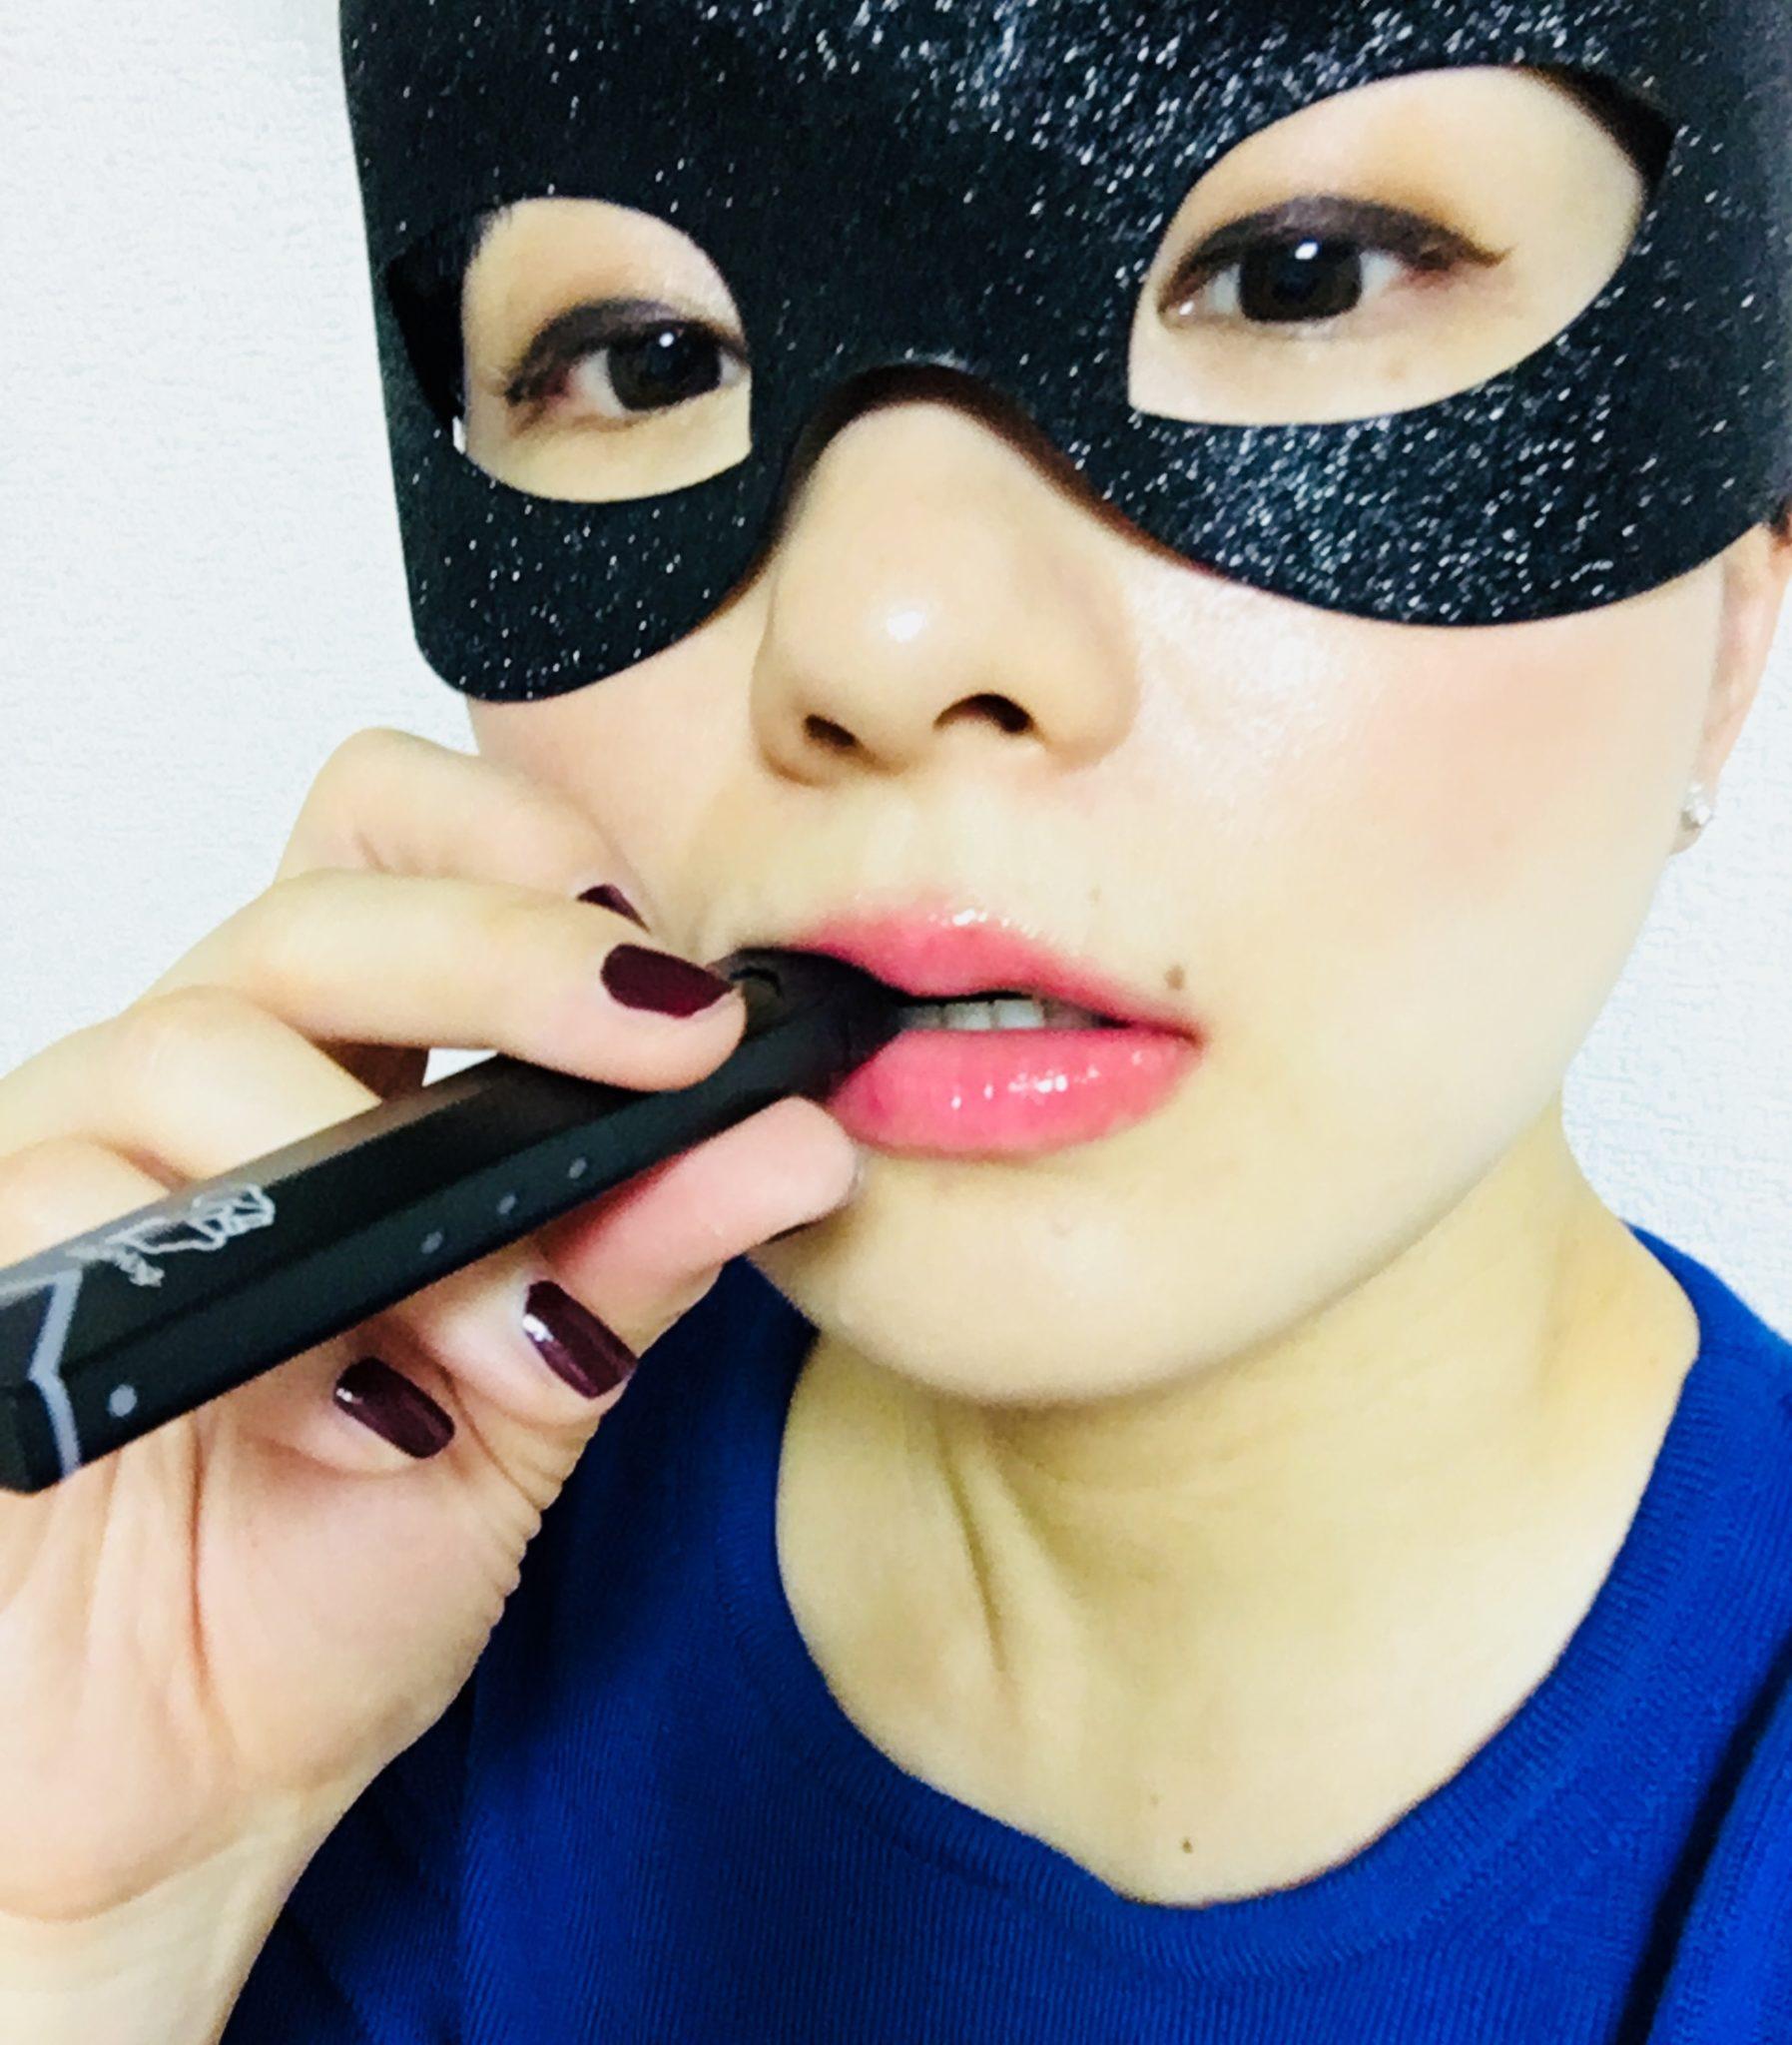 v 0503 3 - 【レビュー】プレゼントにもぴったり♪仮面女子おすすめのEasyVAPE RAINBOWスターターキット。交換キットも安い!【ベプログ/初心者/クローズドシステム】